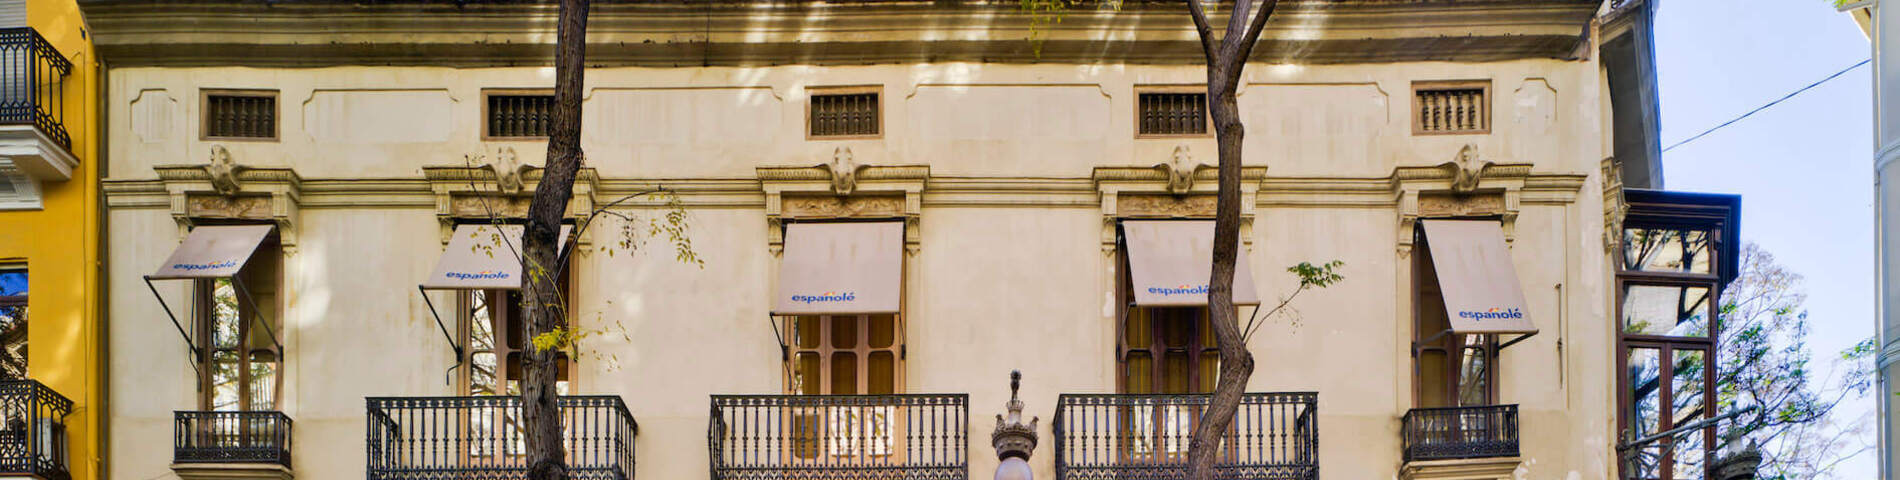 Imatge 1 de l'escola Españole International House